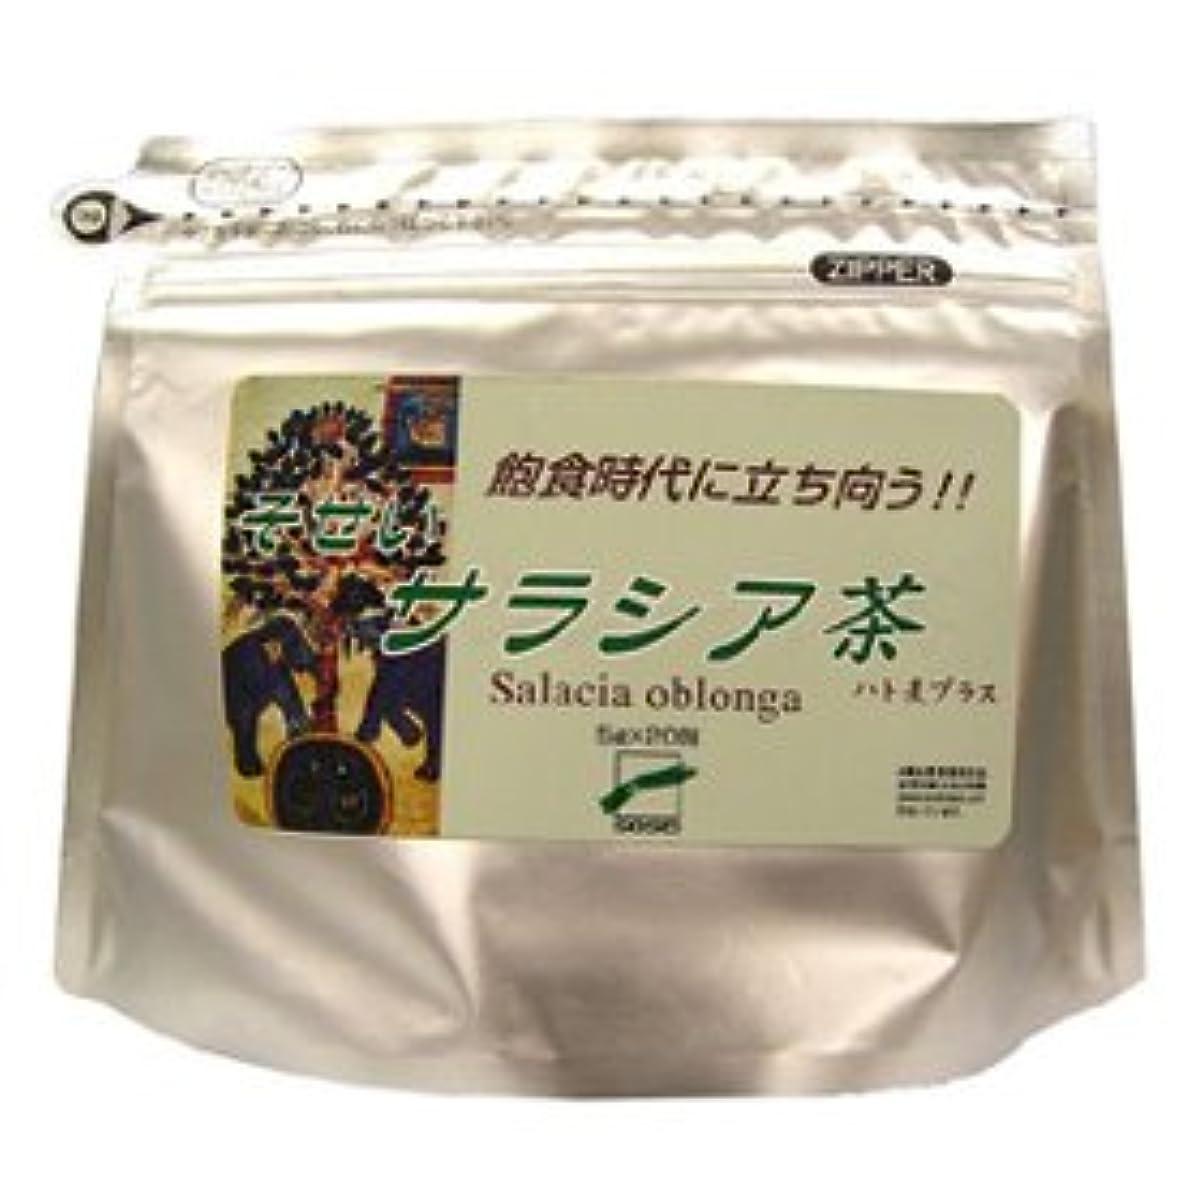 きゅうりバッテリー抹消そせい サラシア茶 1袋